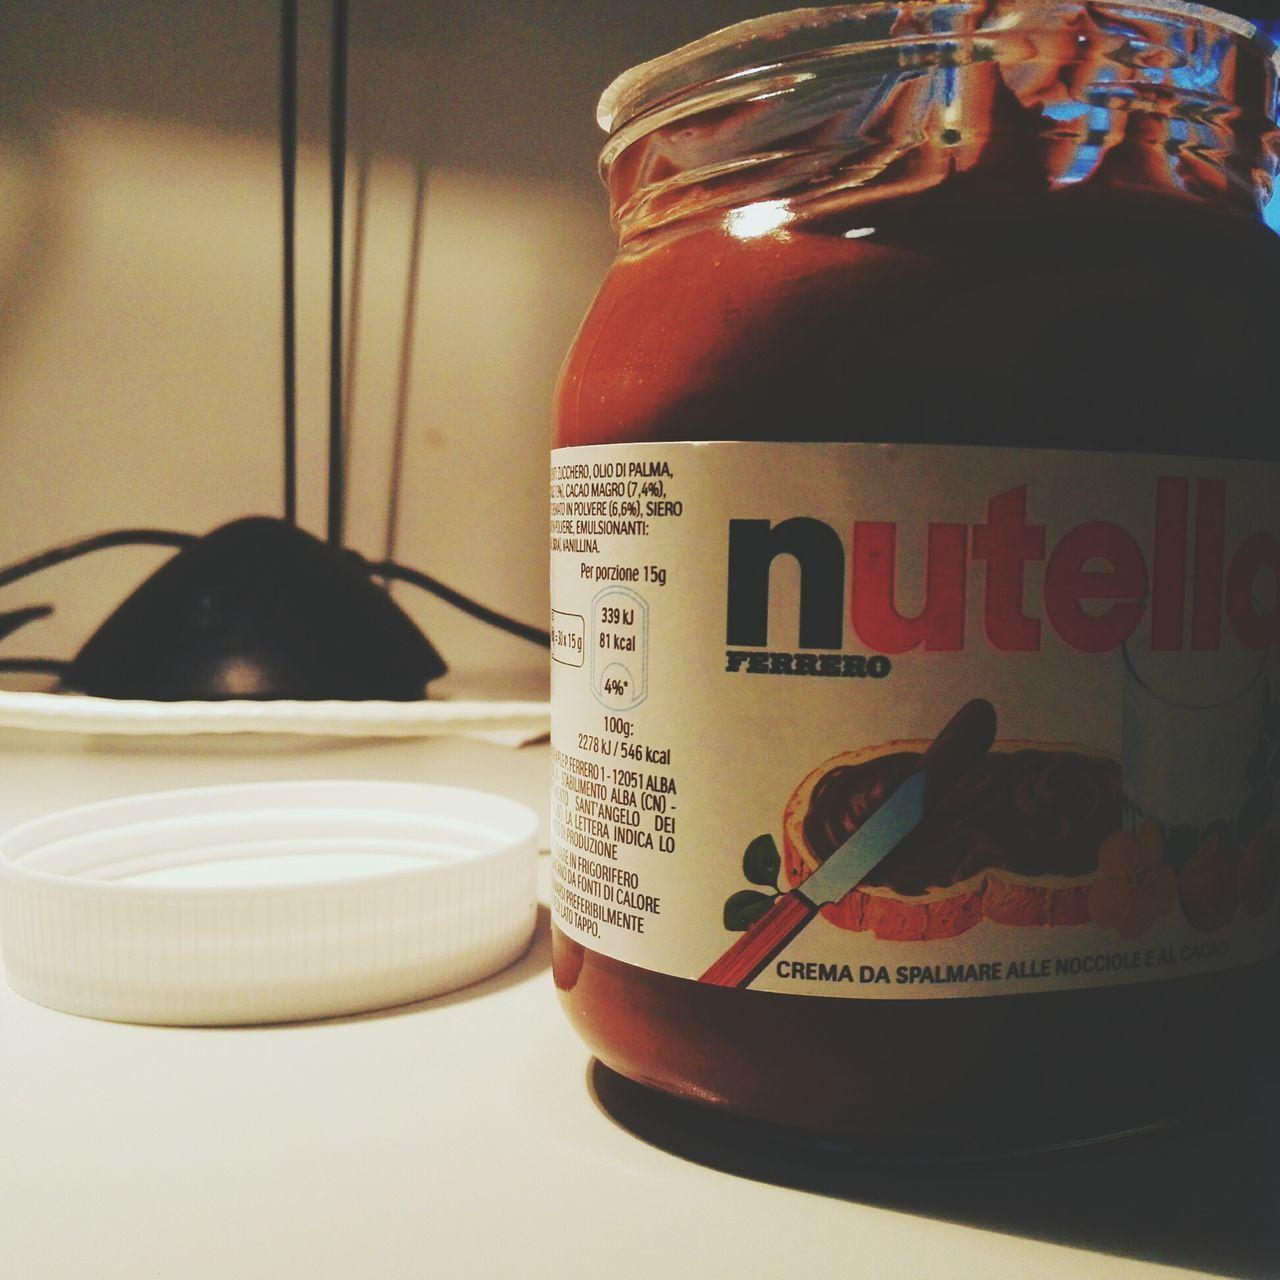 Nutella Trllaitalia Ipocondrie